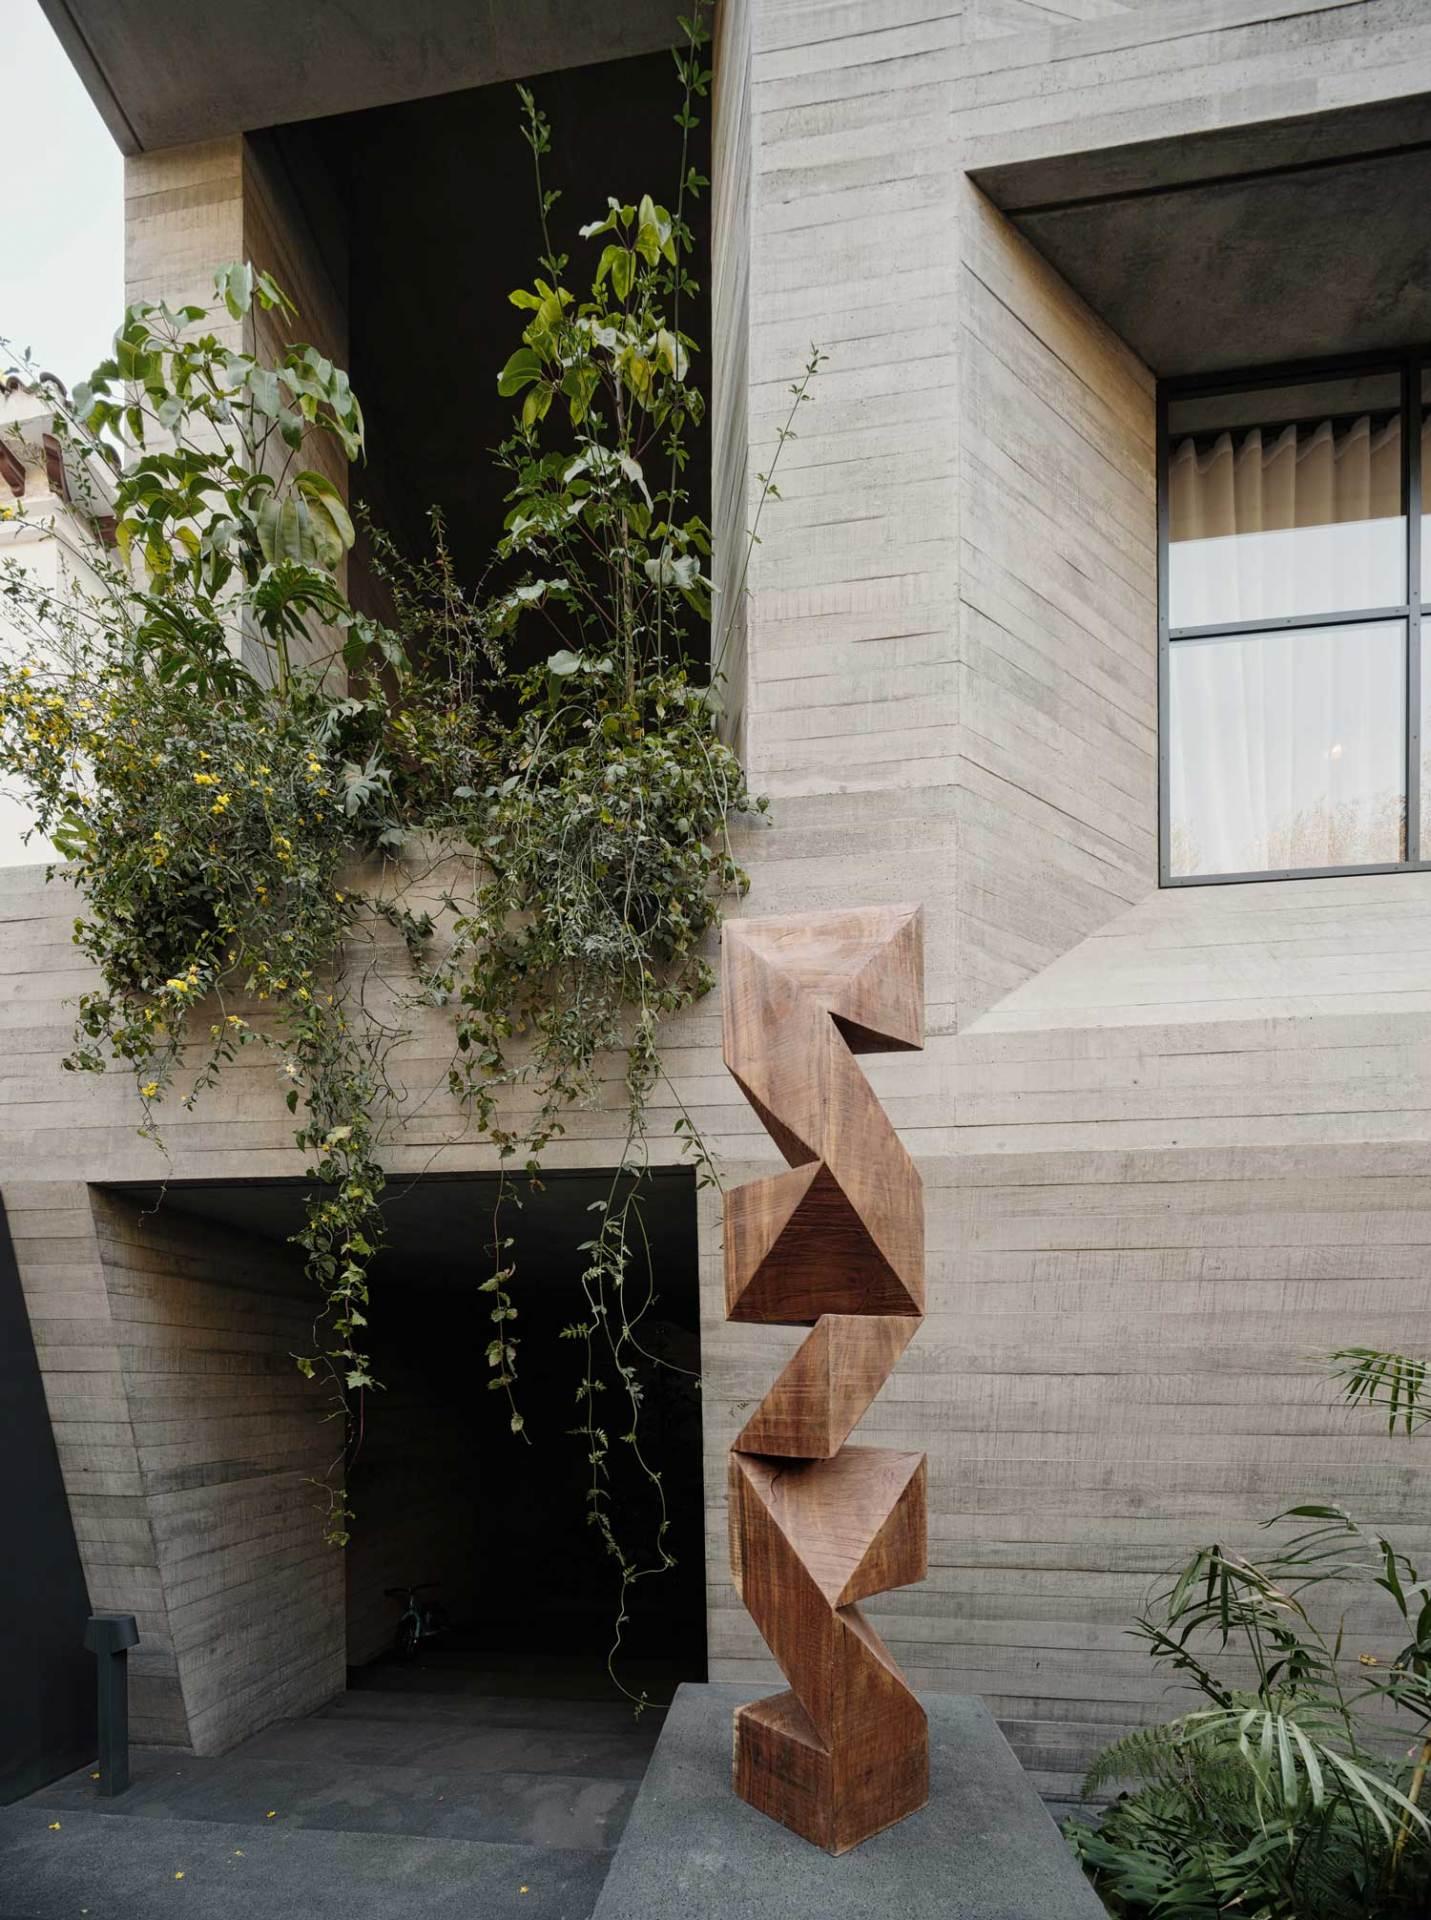 Tennyson-205-Apartment-designalive-1